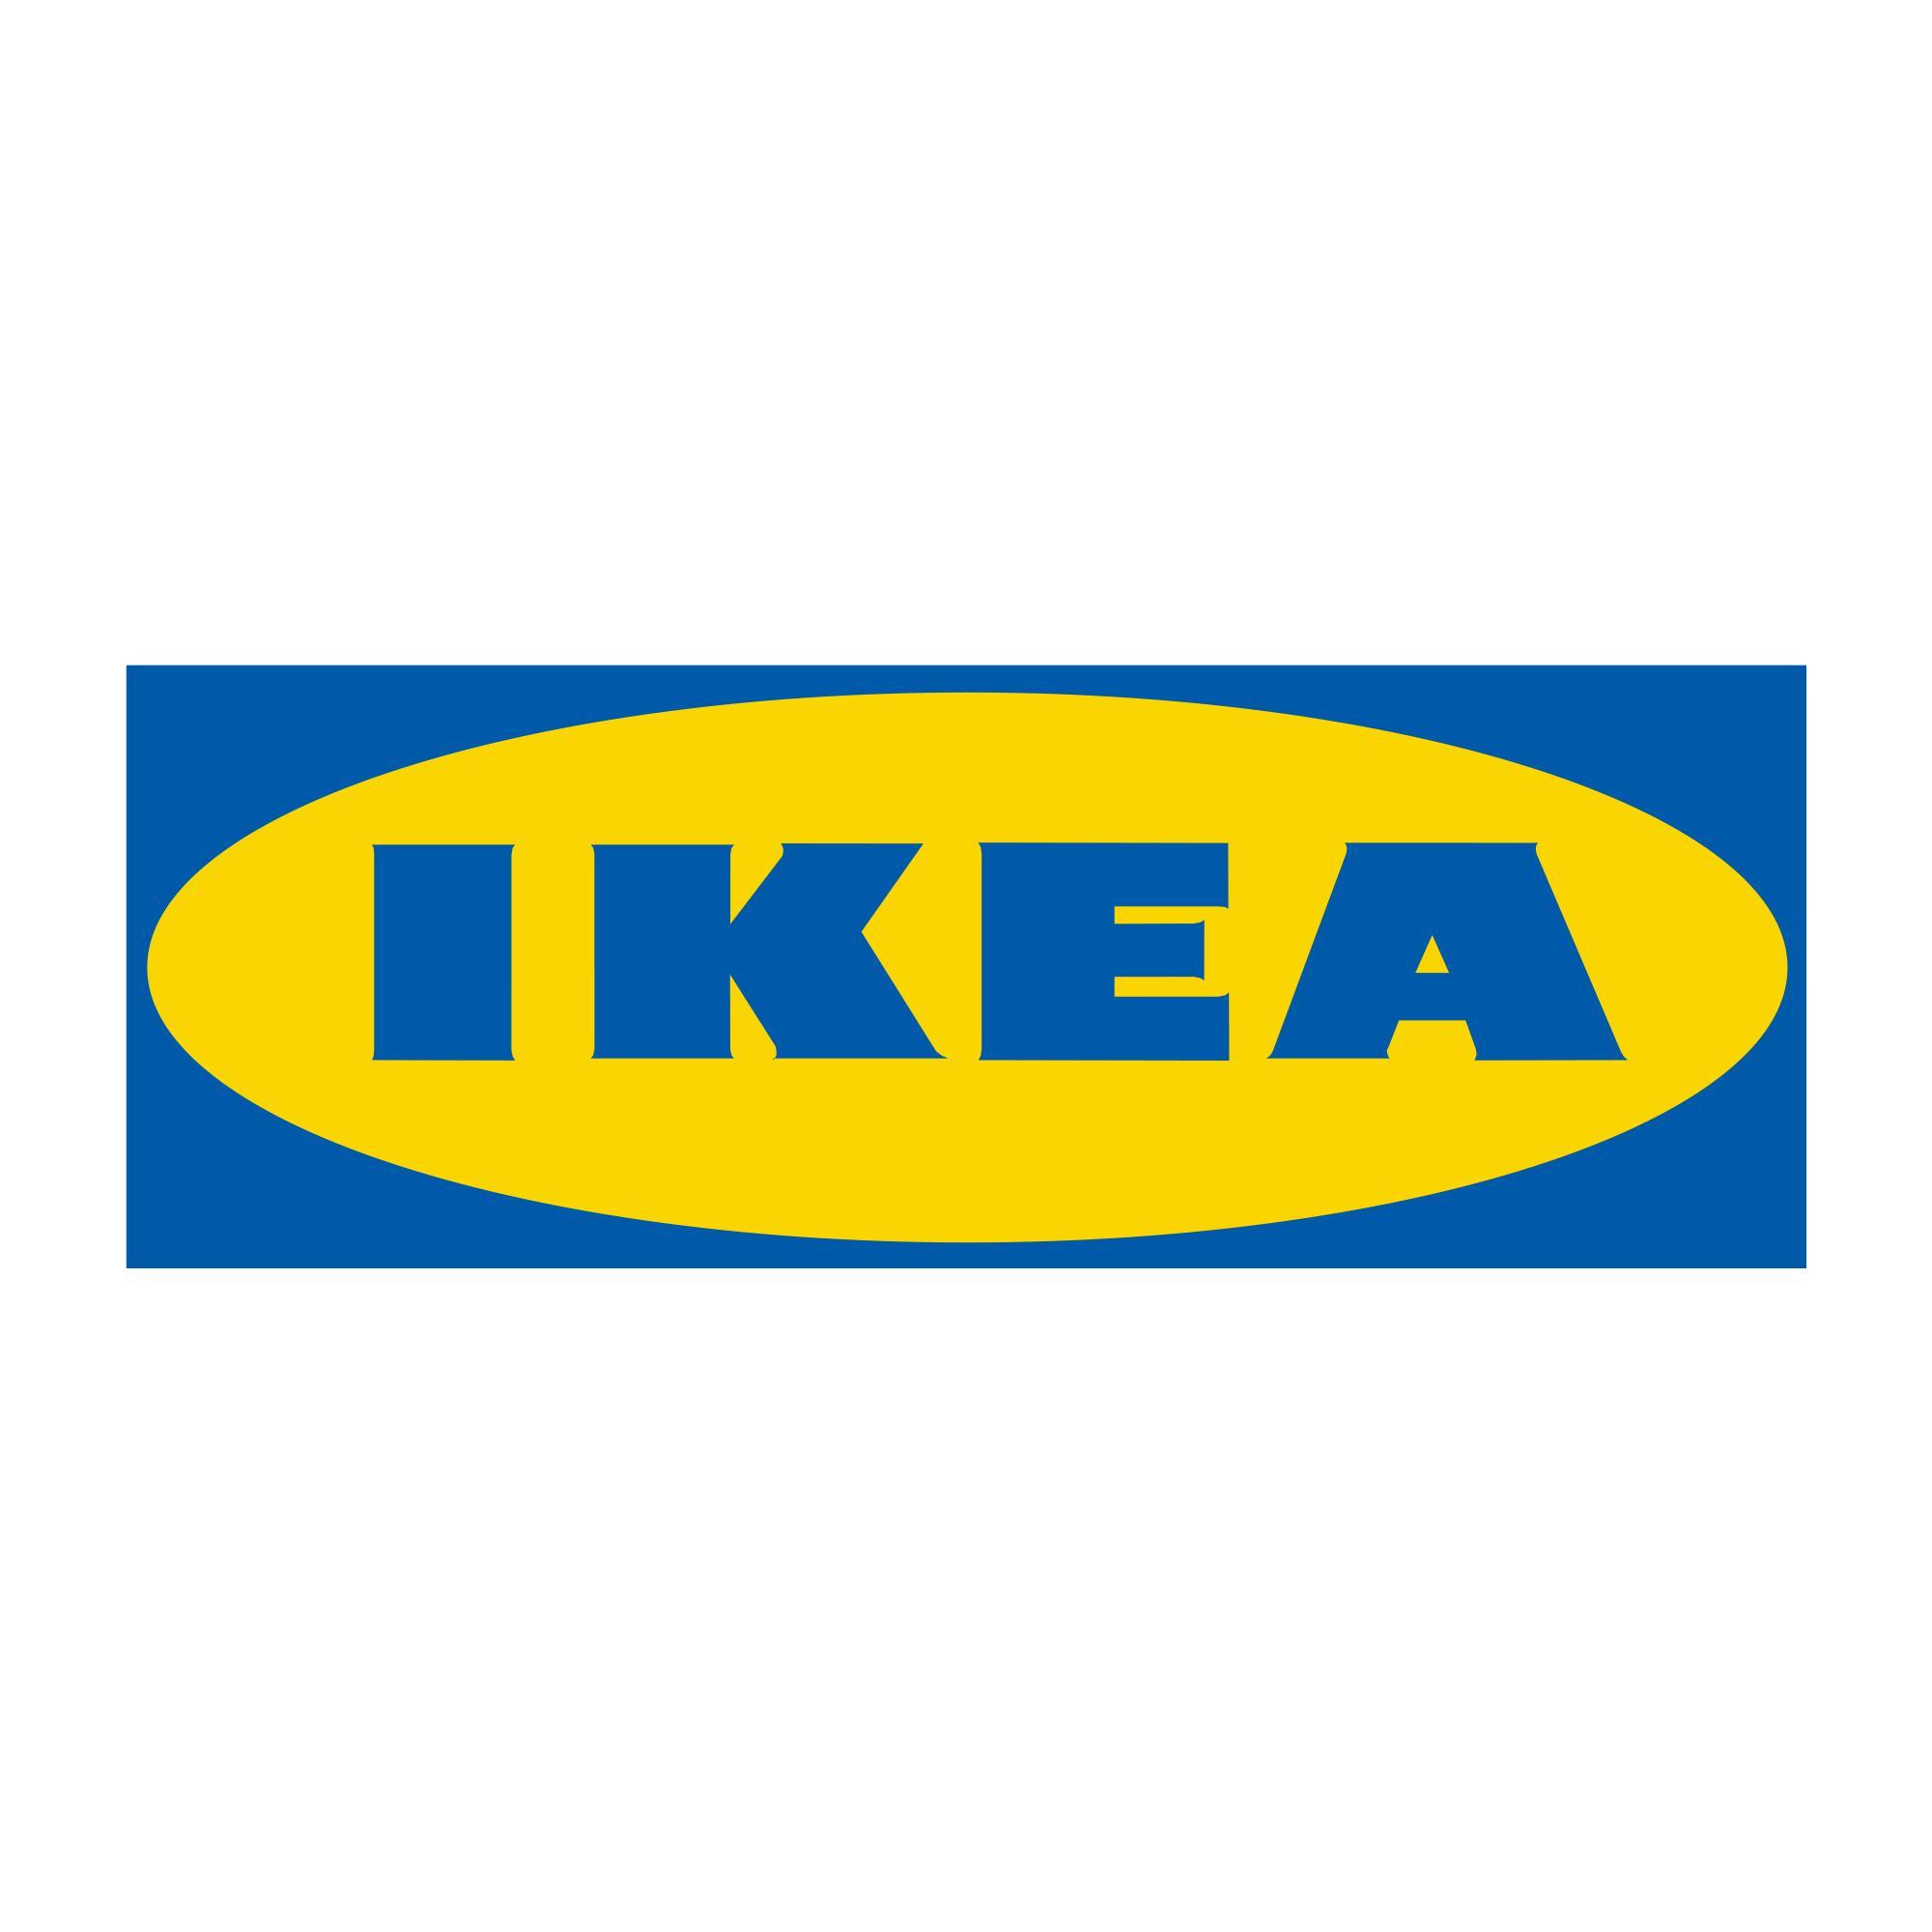 [Ikea Family] 15% de réduction supplémentaire sur les articles soldés - Chaque Samedi du Mois de Juillet 2017